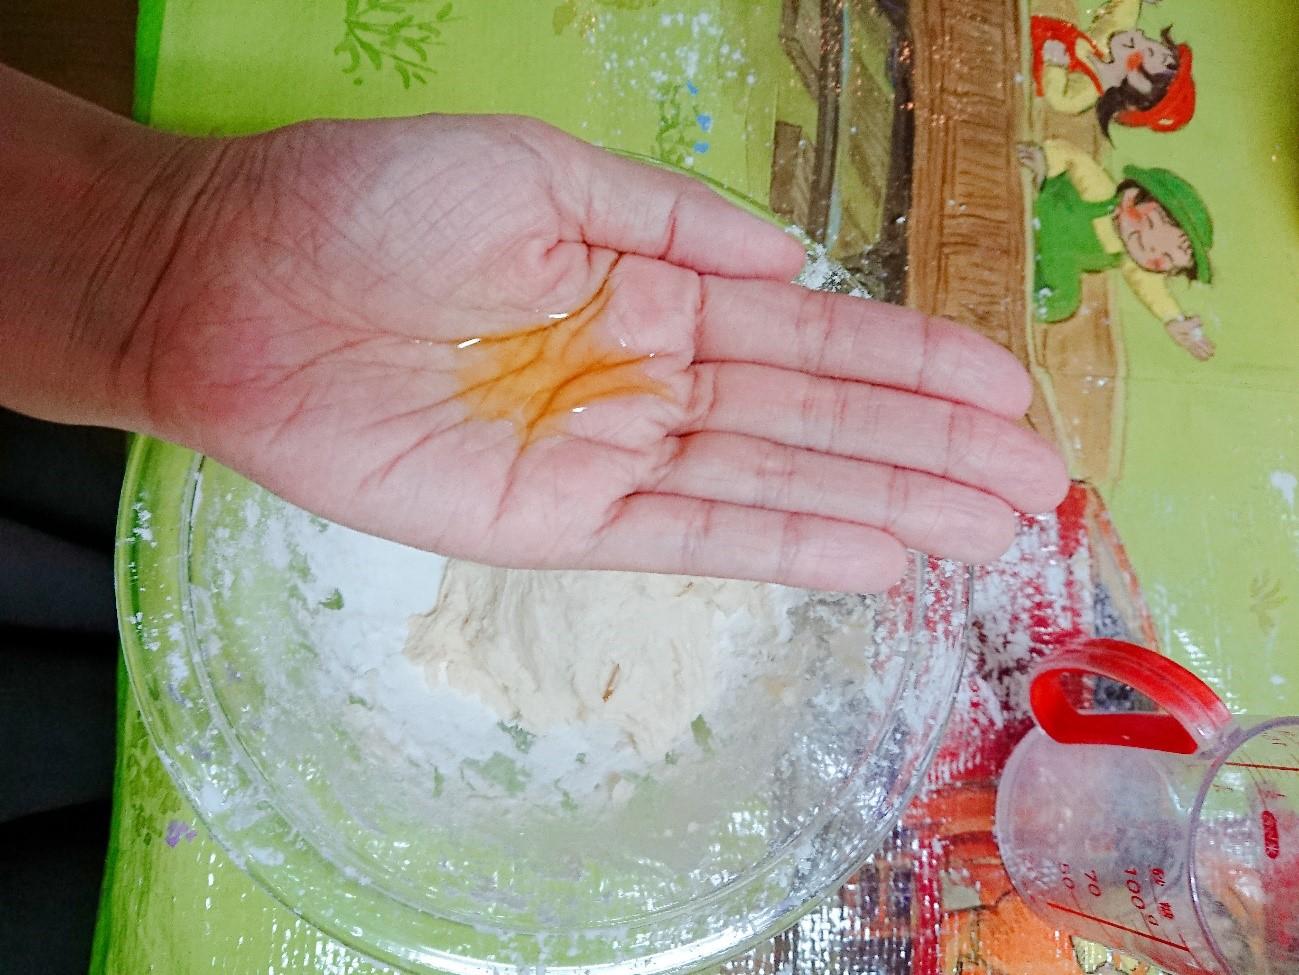 手に油を載せて小麦粉と混ぜる